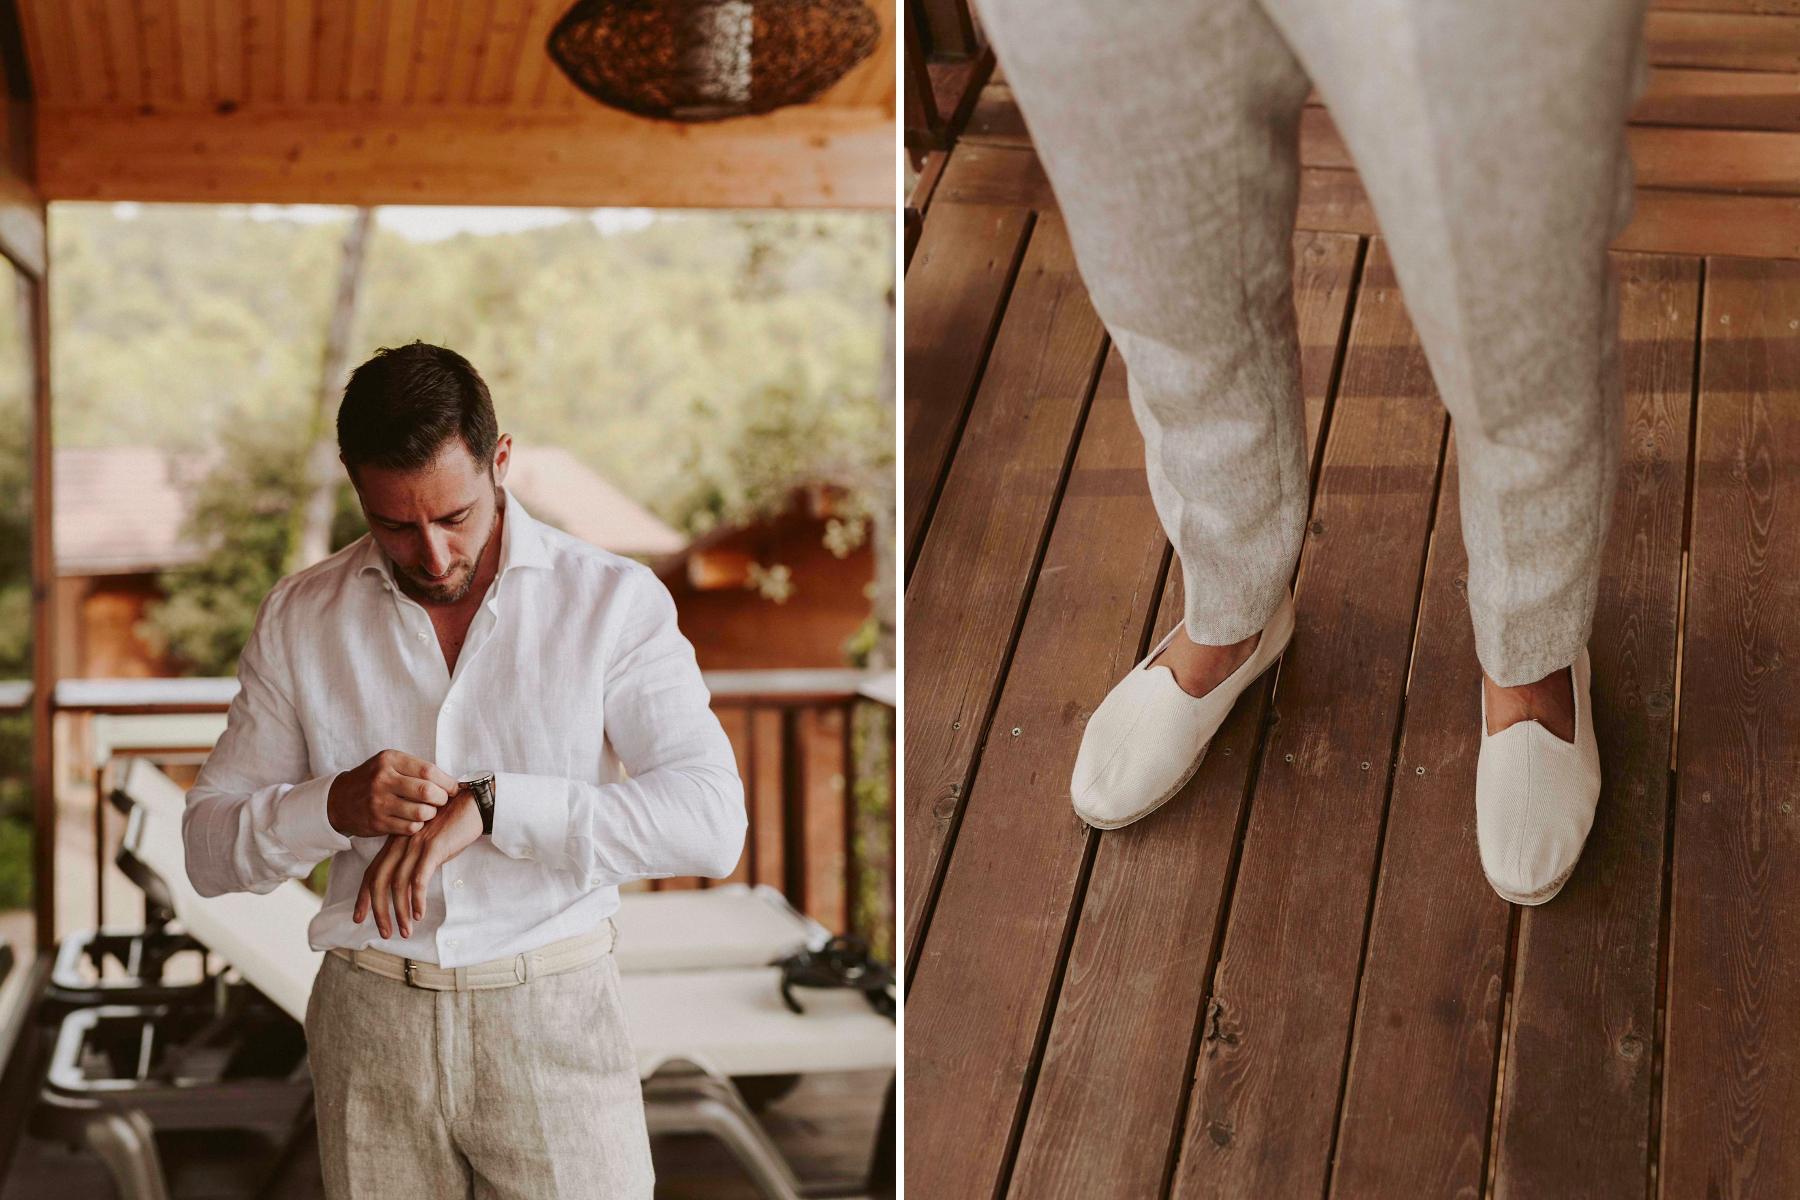 Fotografo+de+bodas+barcelona+girona+cala llevado+beach wedding_016.1